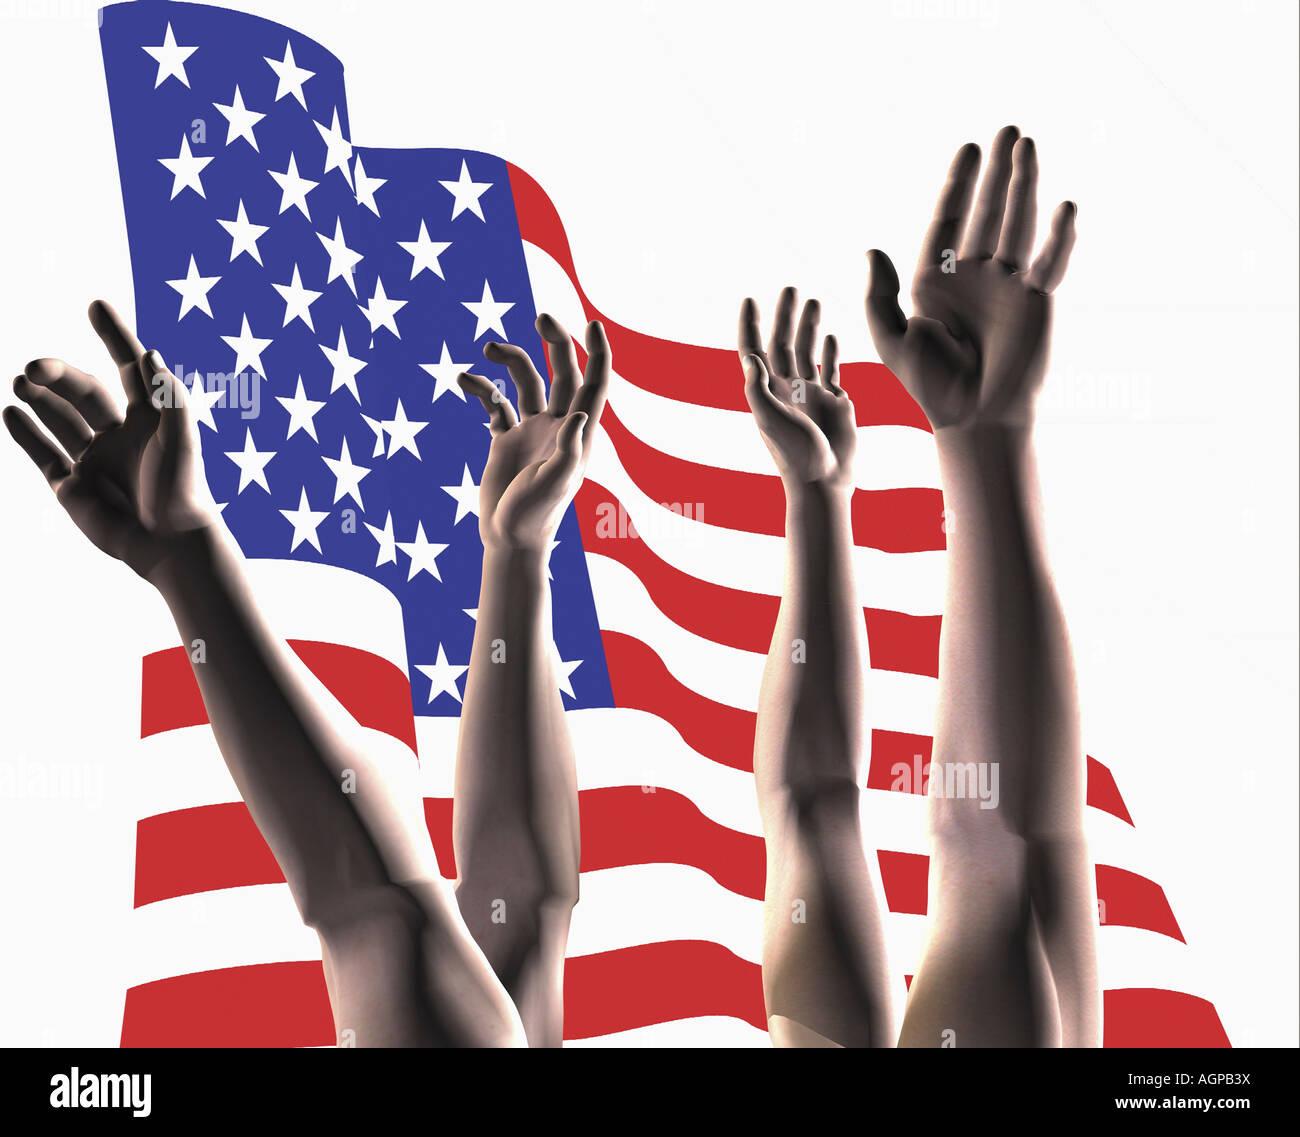 Painet JN1955 stock ilustración manos llegar enfrente de la bandera americana 11 mp digital latina con relaciones familiares Foto de stock